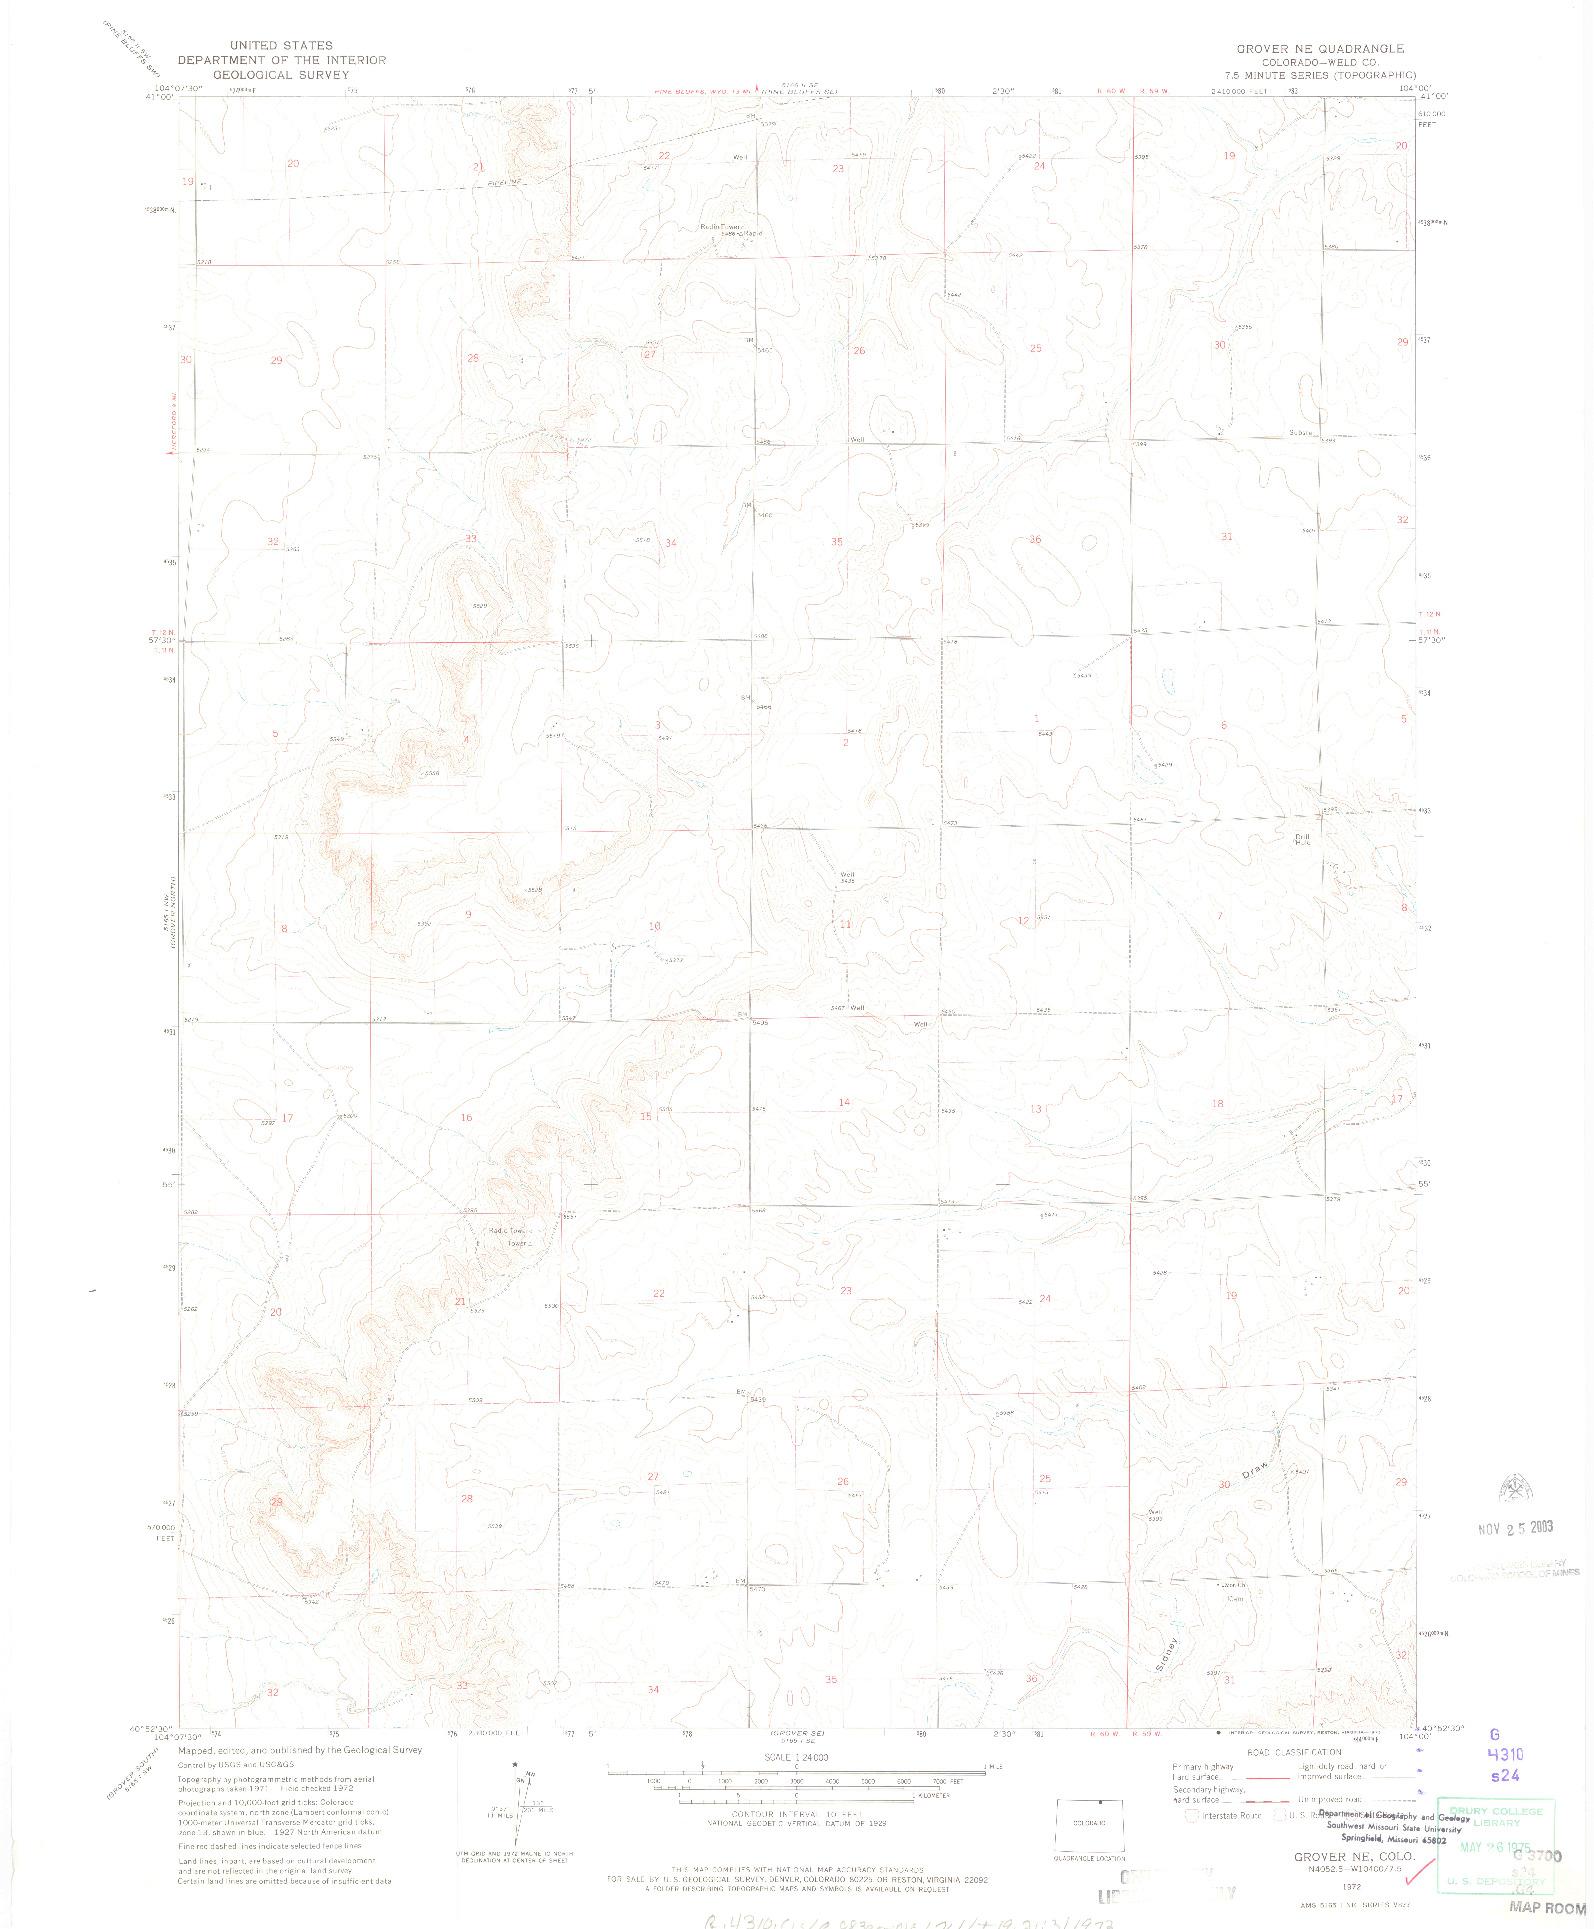 USGS 1:24000-SCALE QUADRANGLE FOR GROVER NE, CO 1972